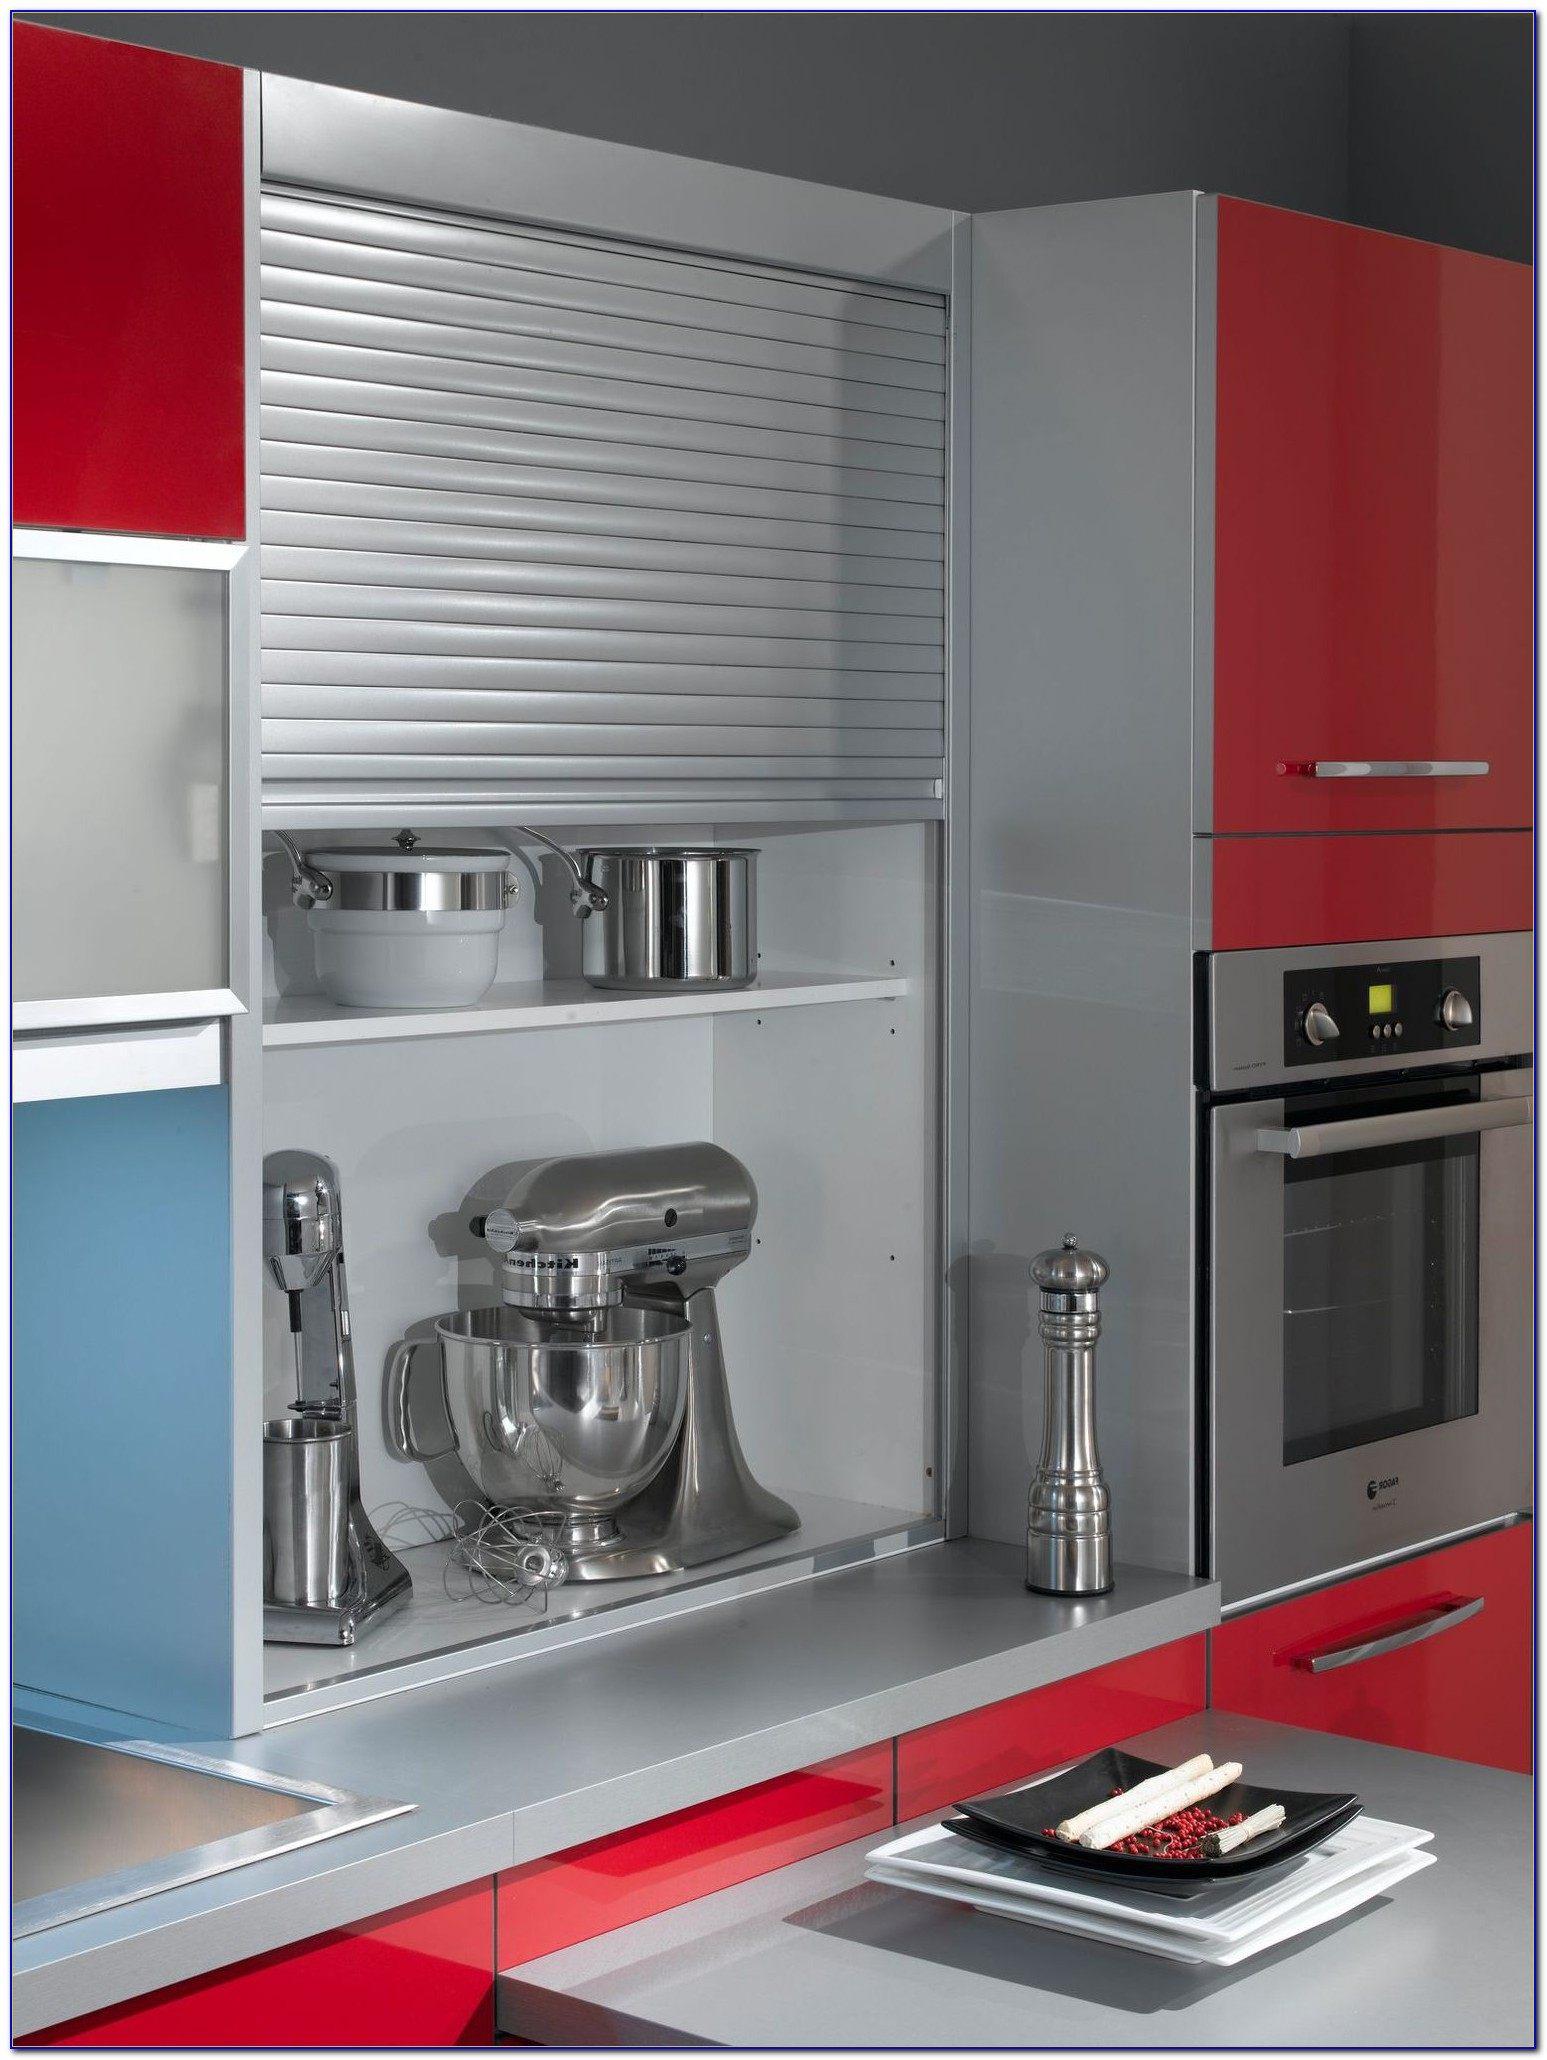 verin porte cuisine leroy merlin meilleur de image 22 beau verin meuble cuisine int rieur de la. Black Bedroom Furniture Sets. Home Design Ideas